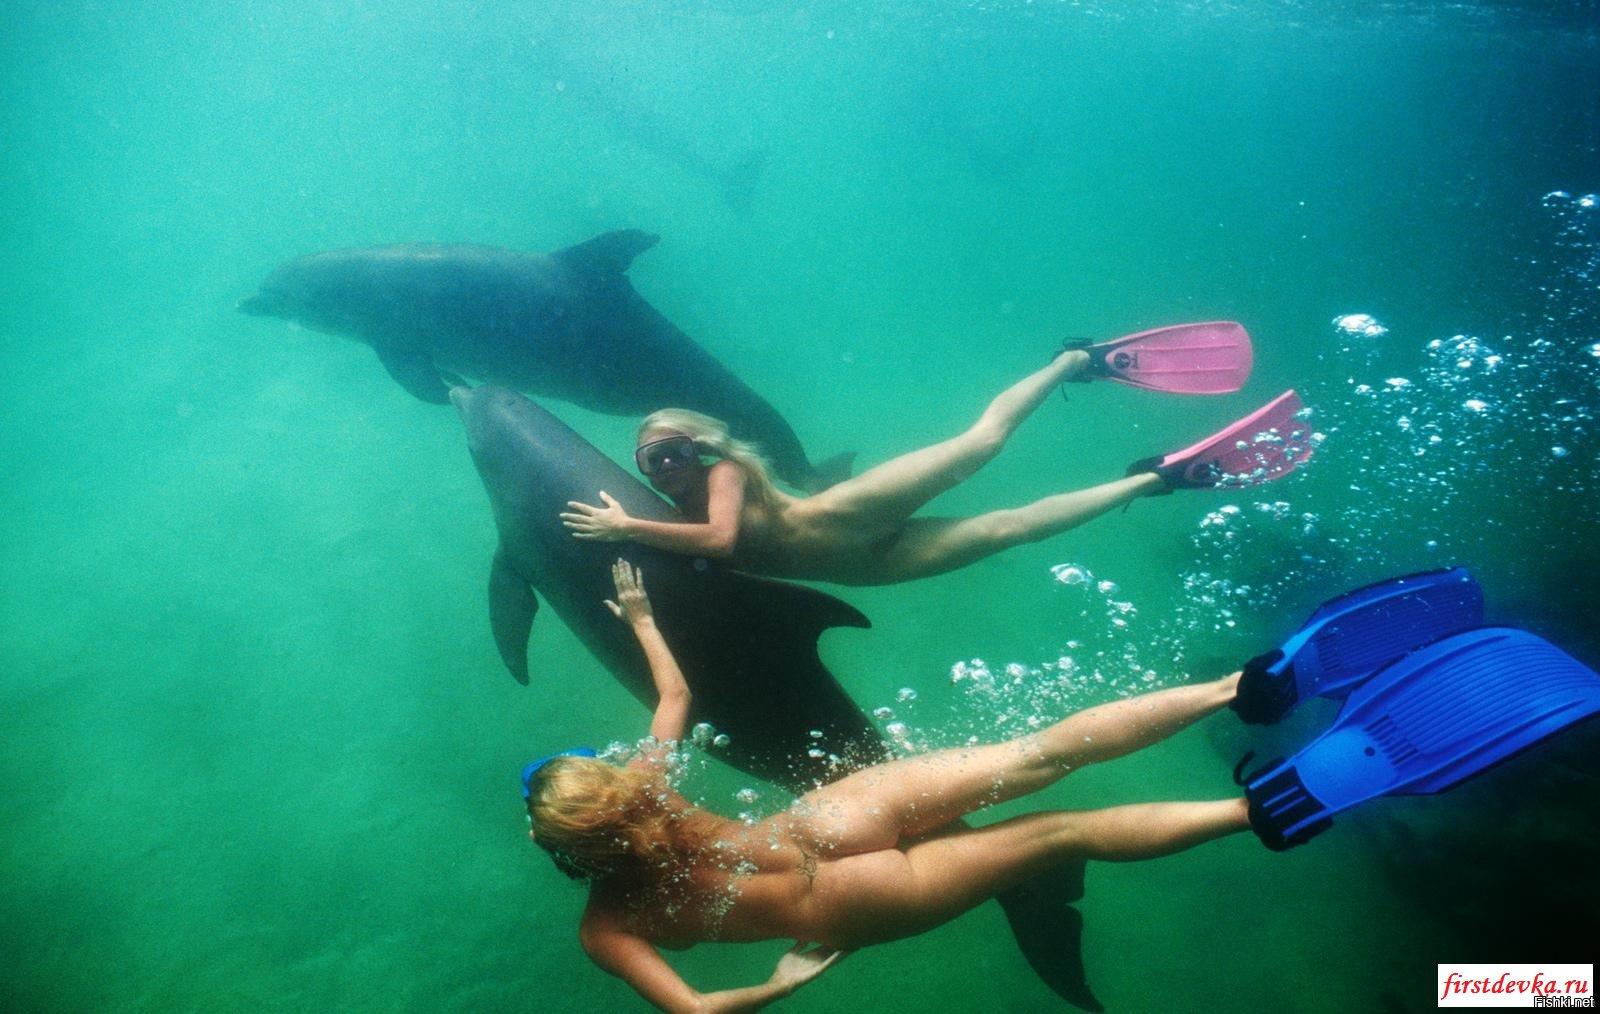 Фото вагина дельфина, Половые органы дельфинов: описание 18 фотография